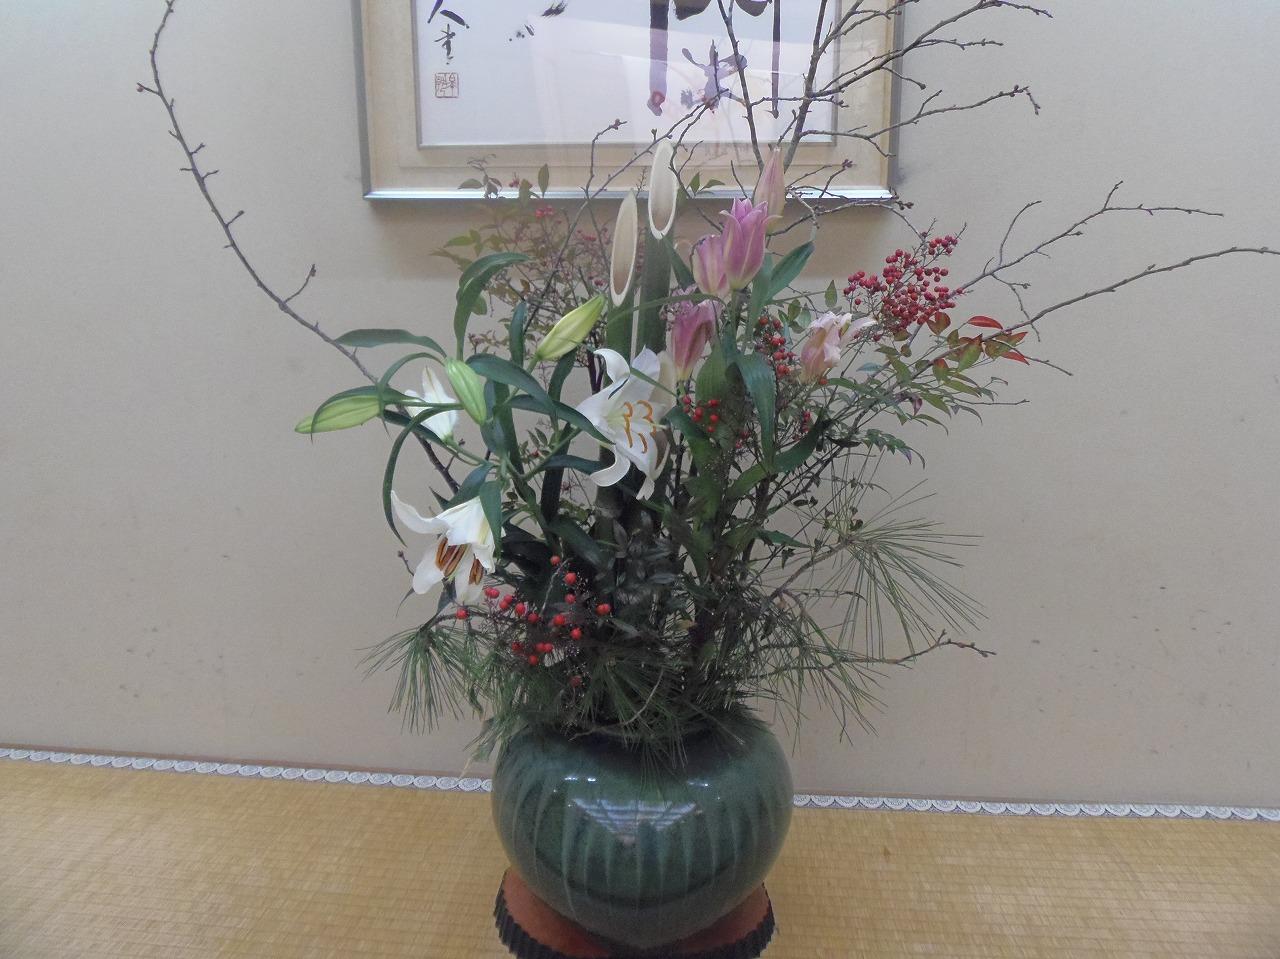 お花の種類  マツ 竹 梅 カサブランカ(ユリの一種) なんてん(赤い実)です。